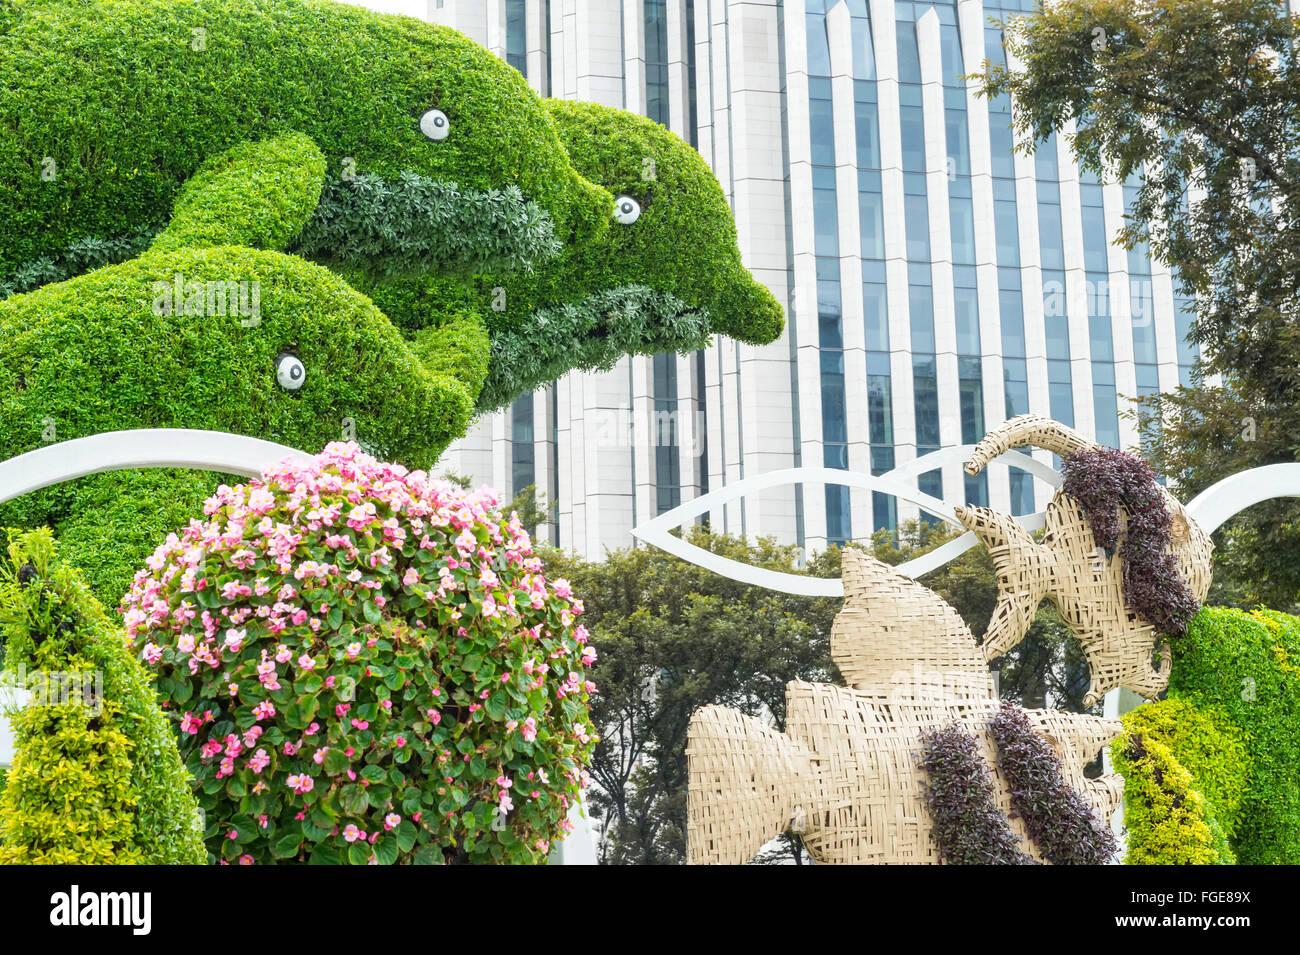 Prächtig Buchsbaum schneiden in Form von Delfinen, Shanghai, China #GB_67